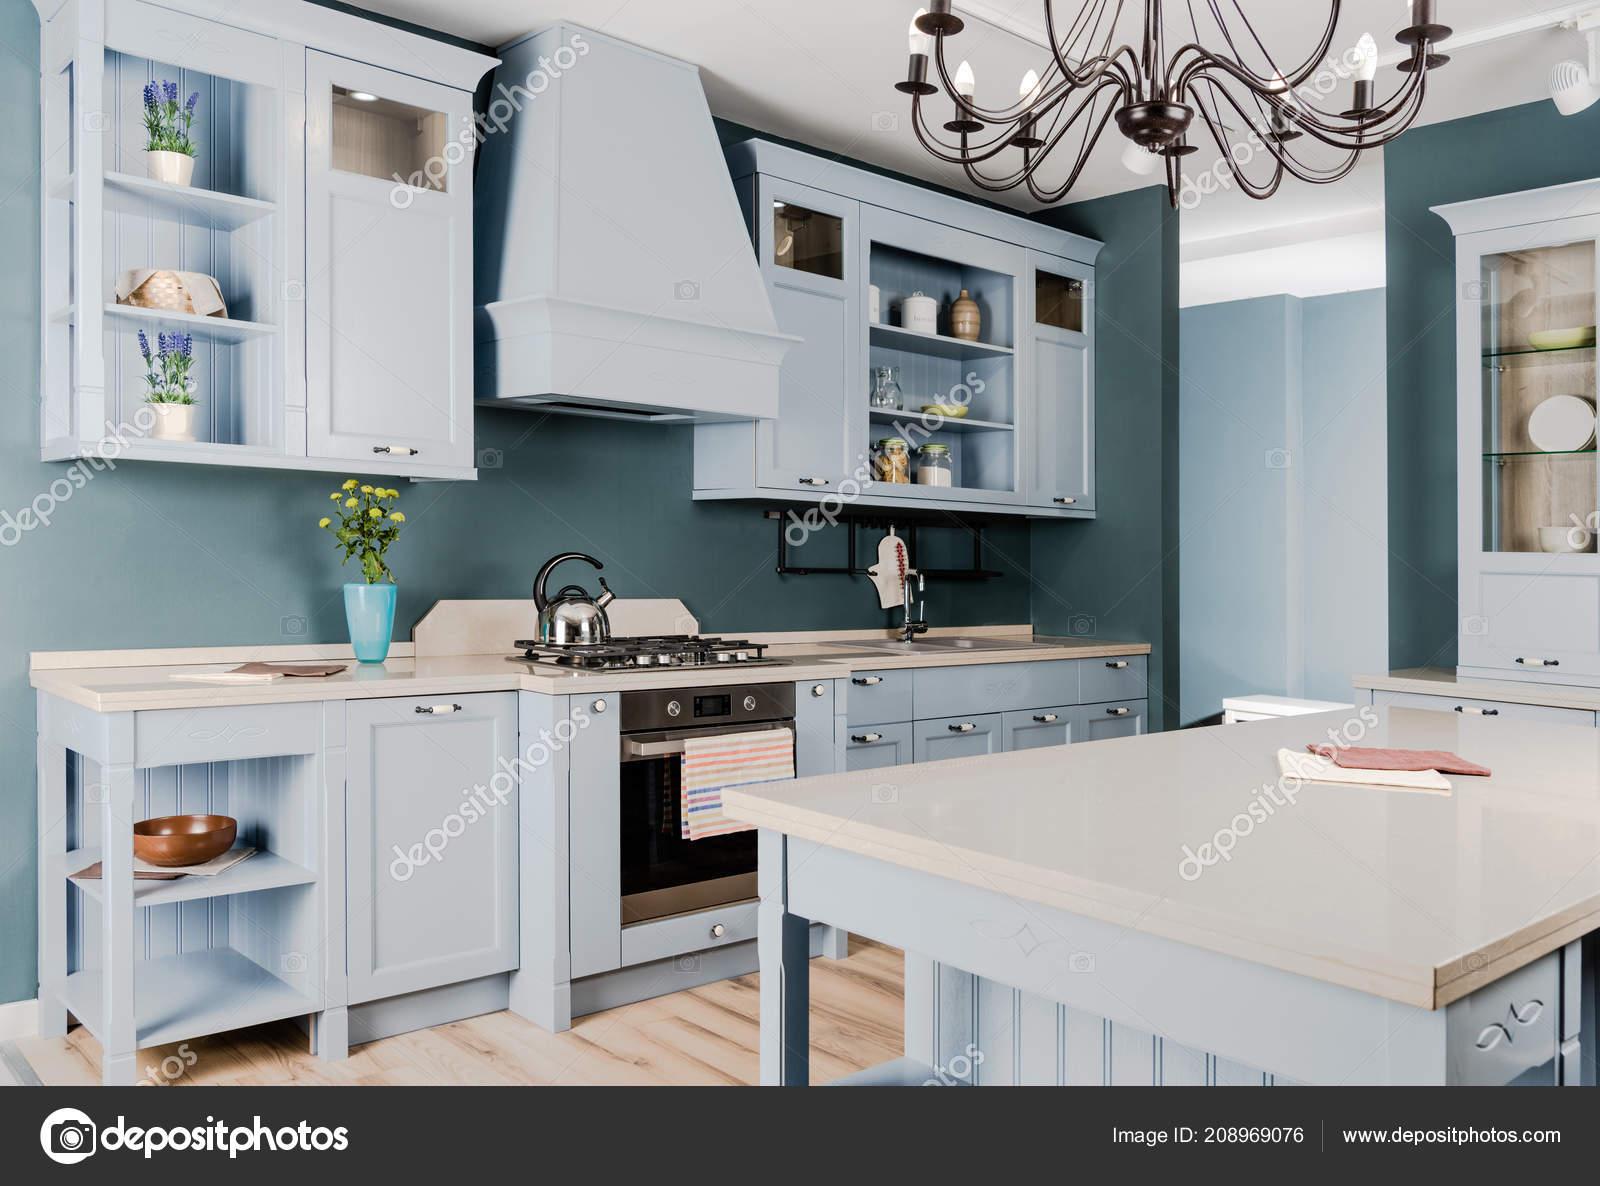 Interieur van moderne lichte keuken met witte houten meubilair